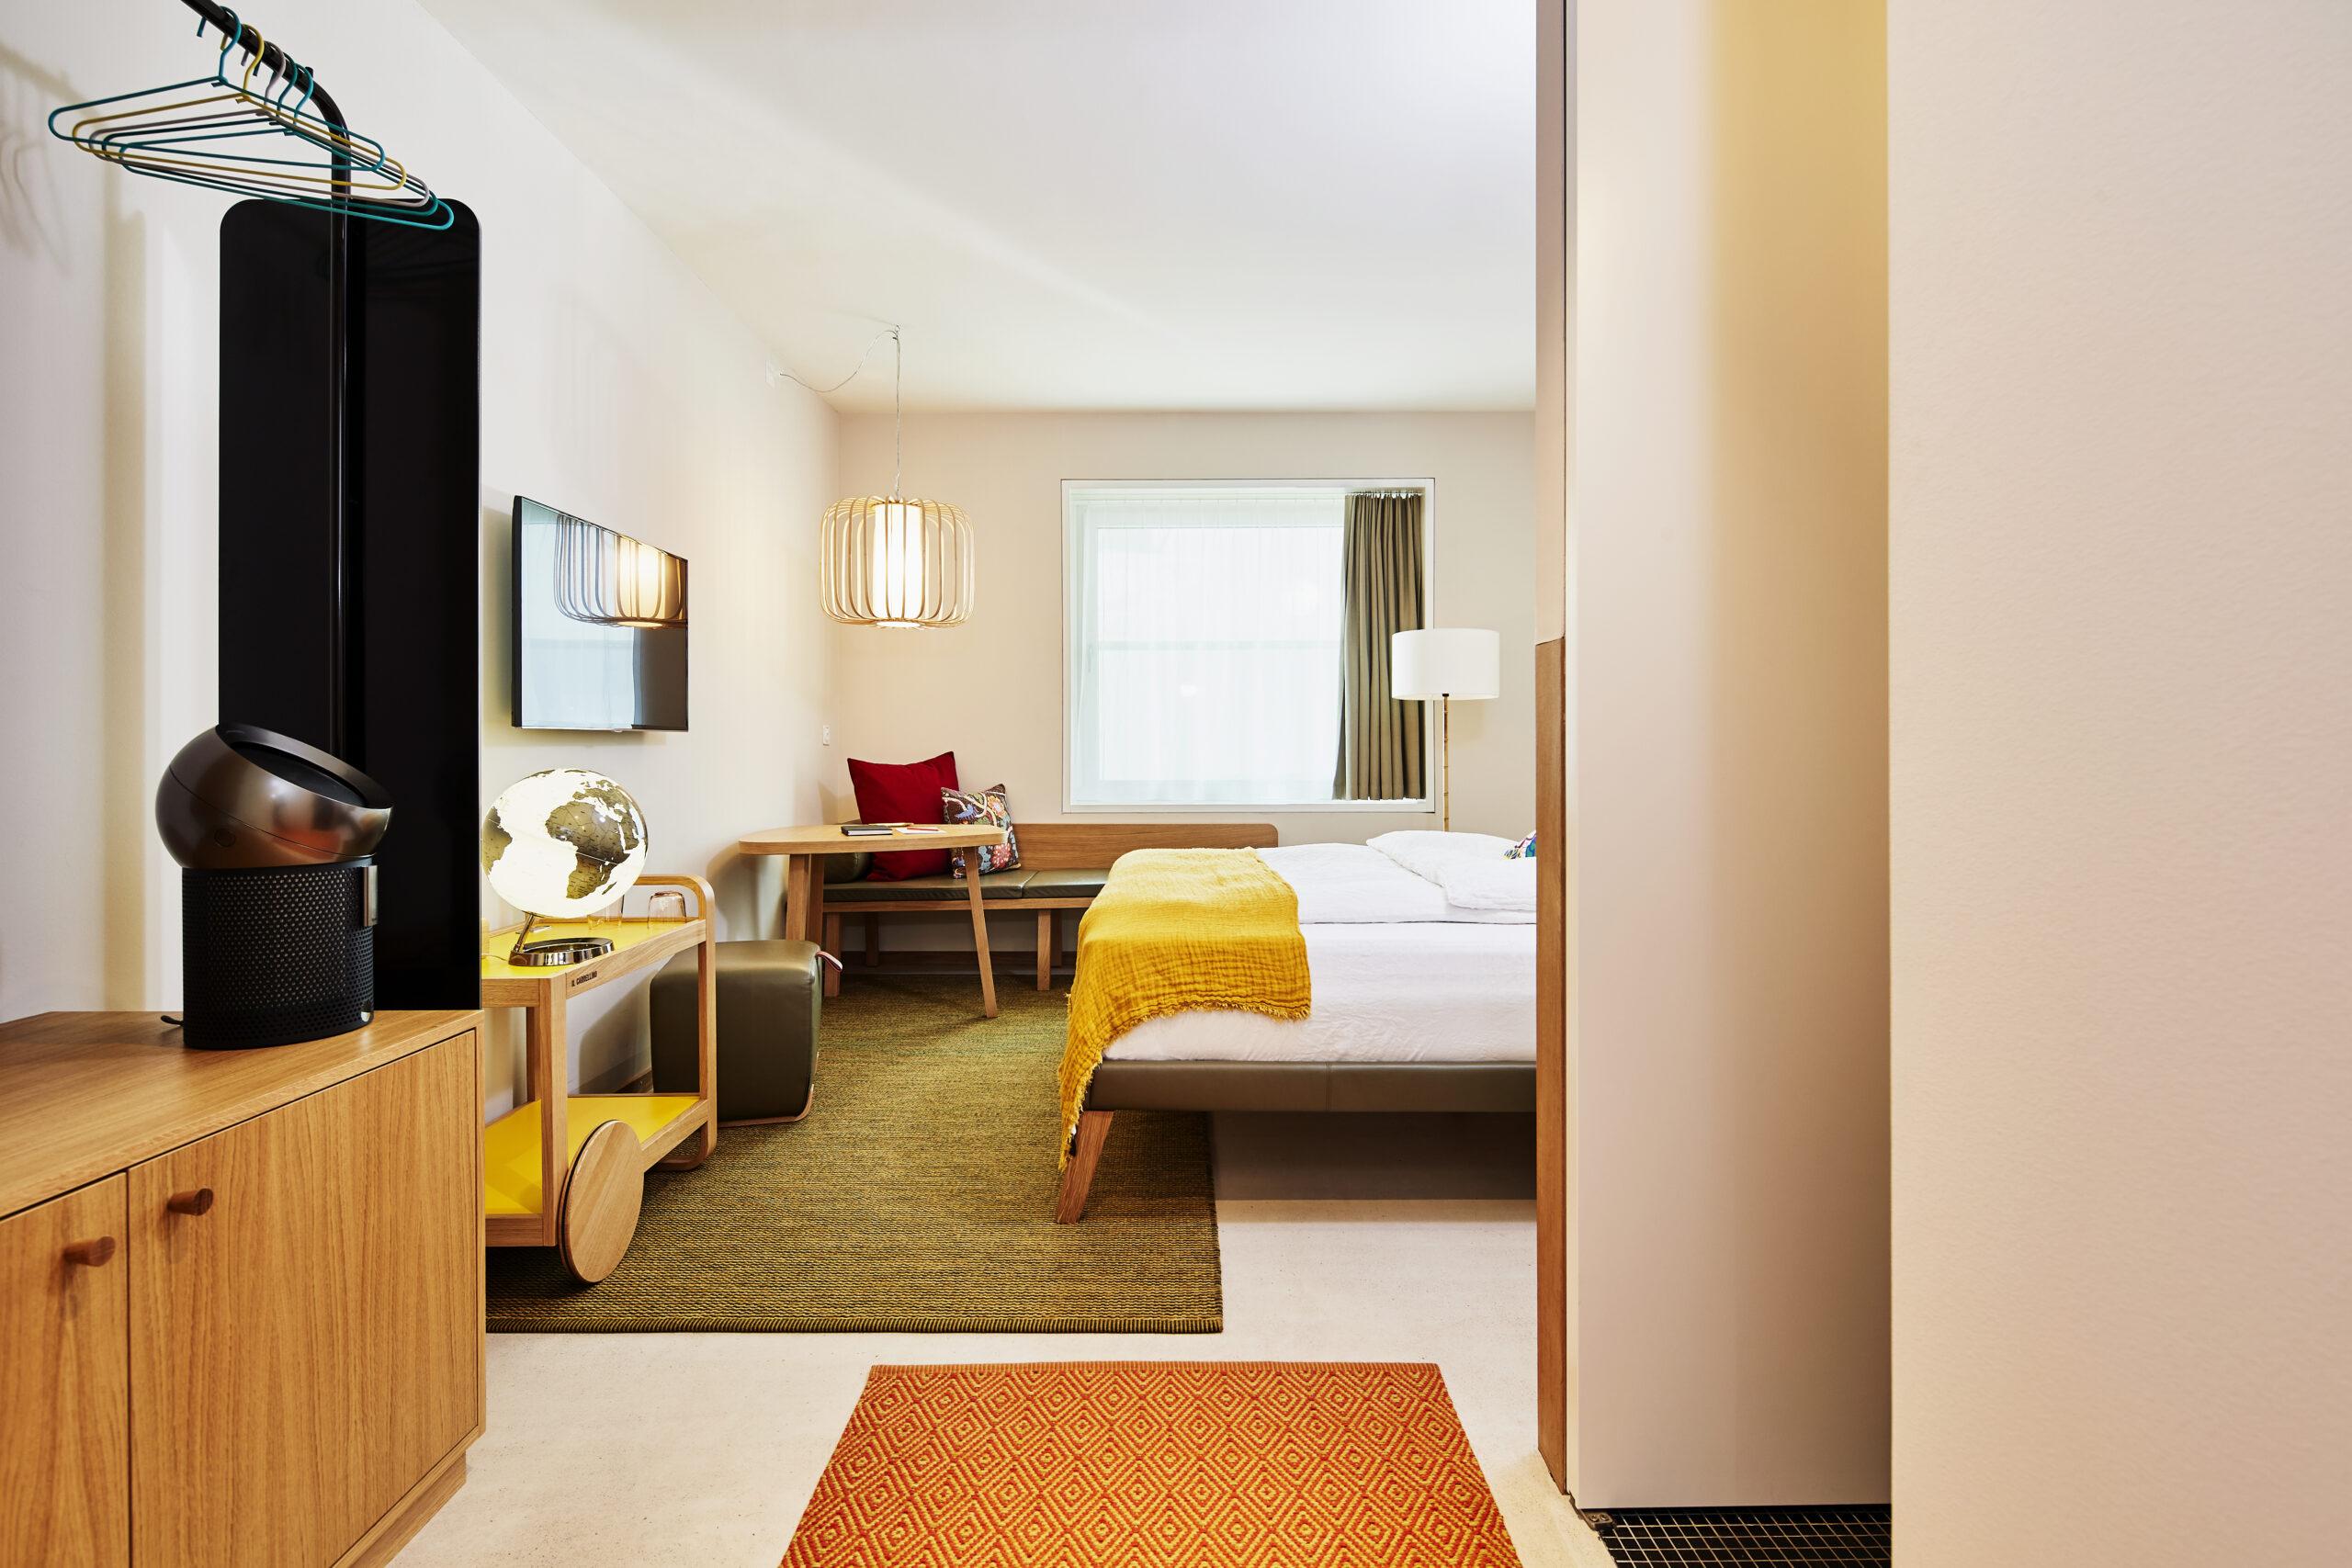 Bedroom design Hotel Nomad